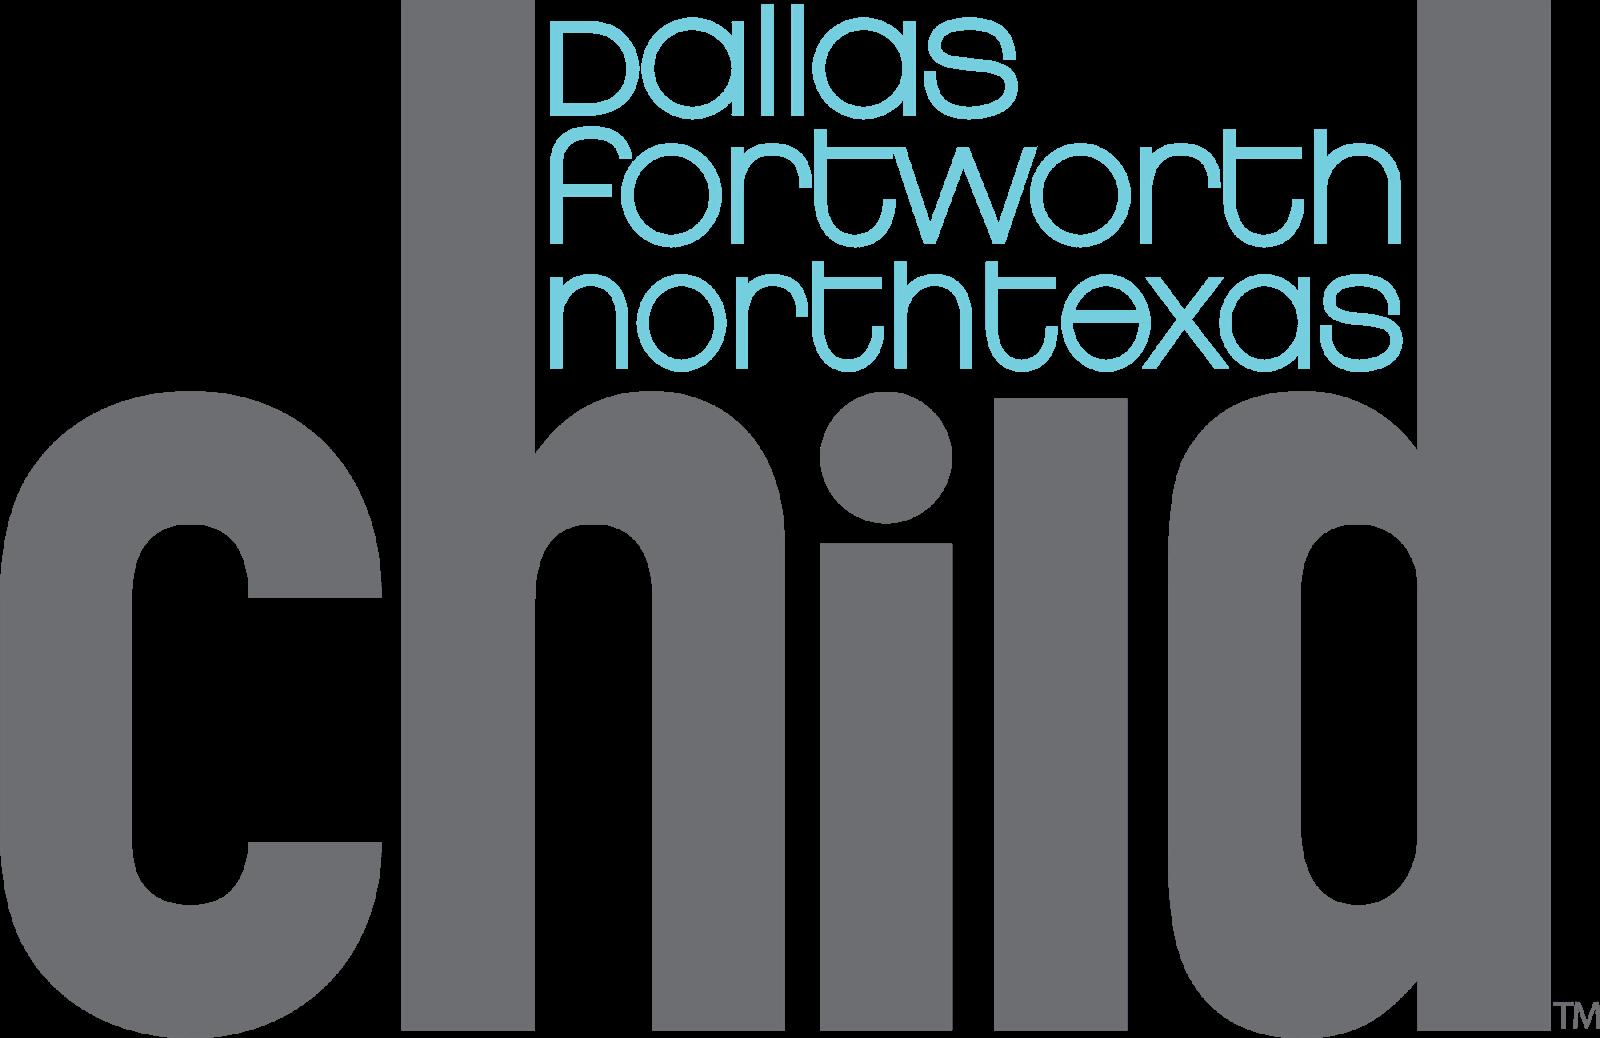 Dallas Child Magazine